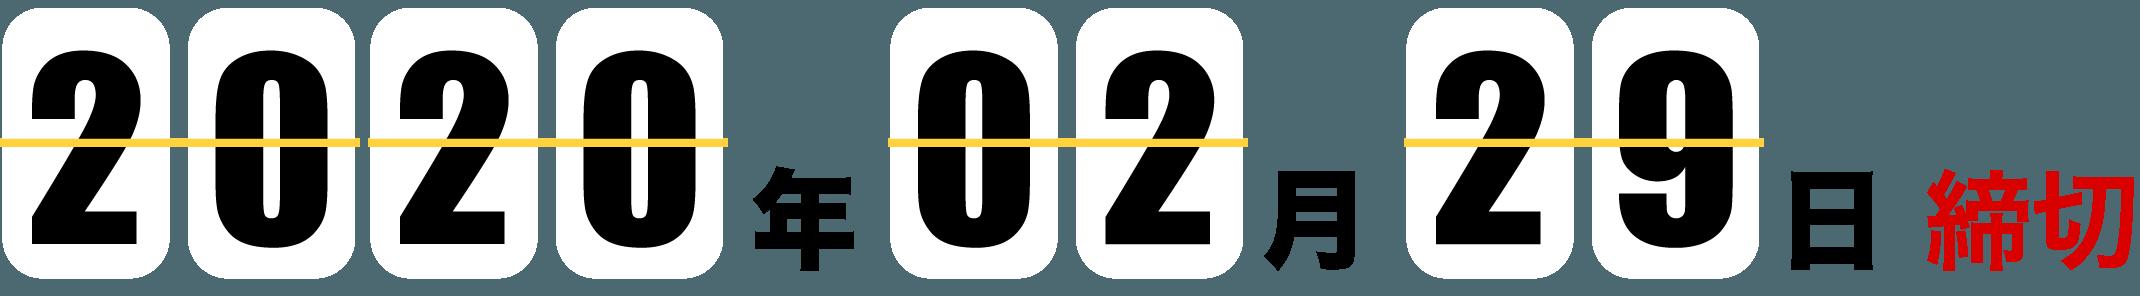 2020年02月29日締切